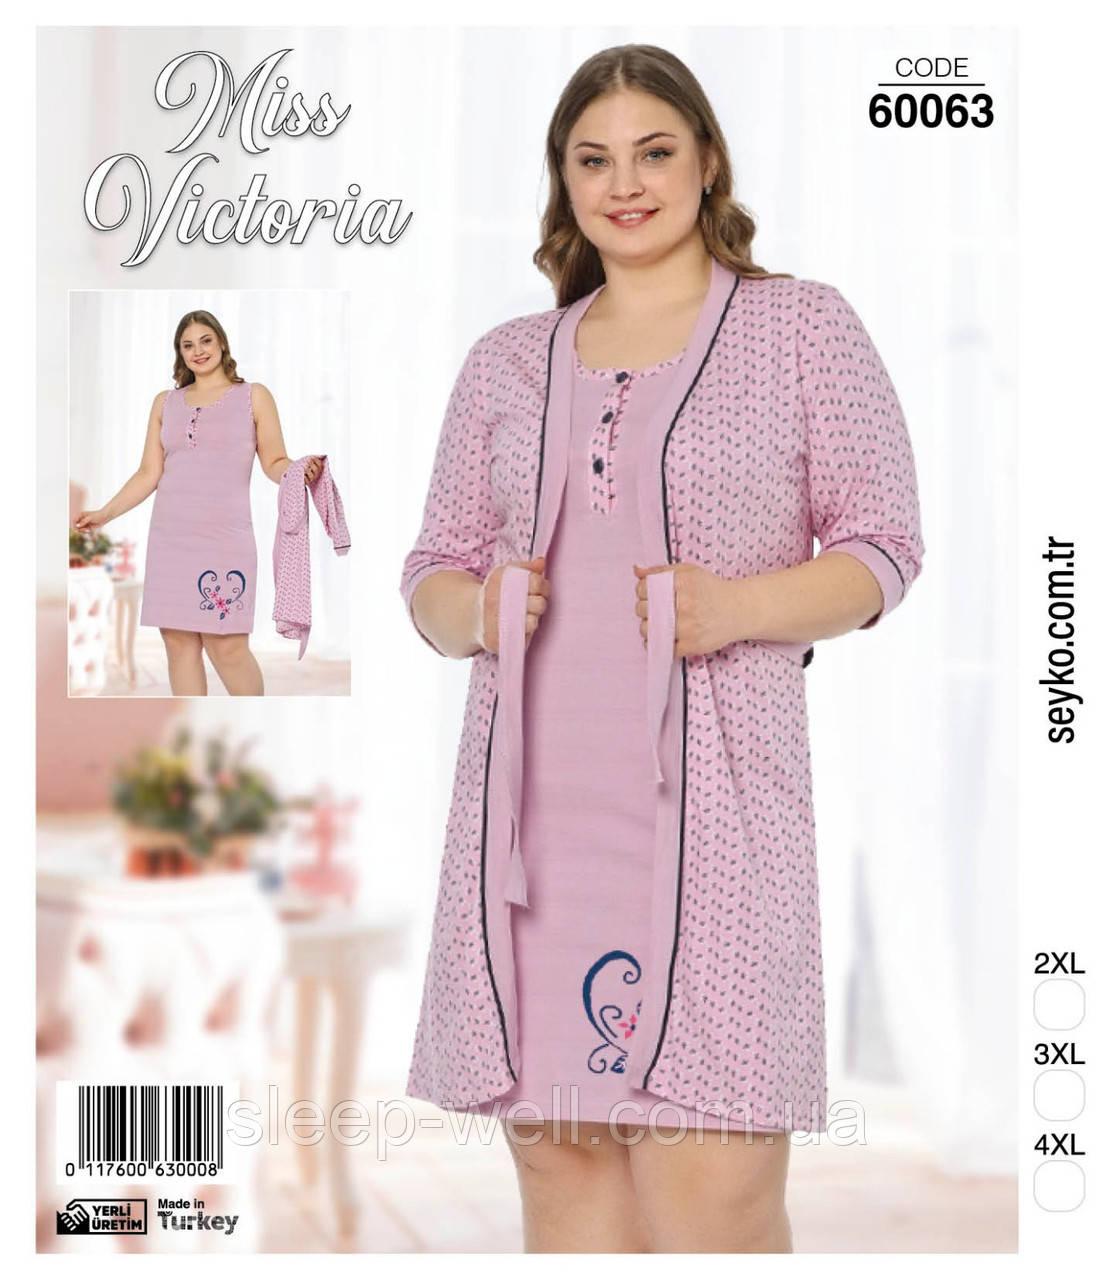 Набор с халатом больших размеров